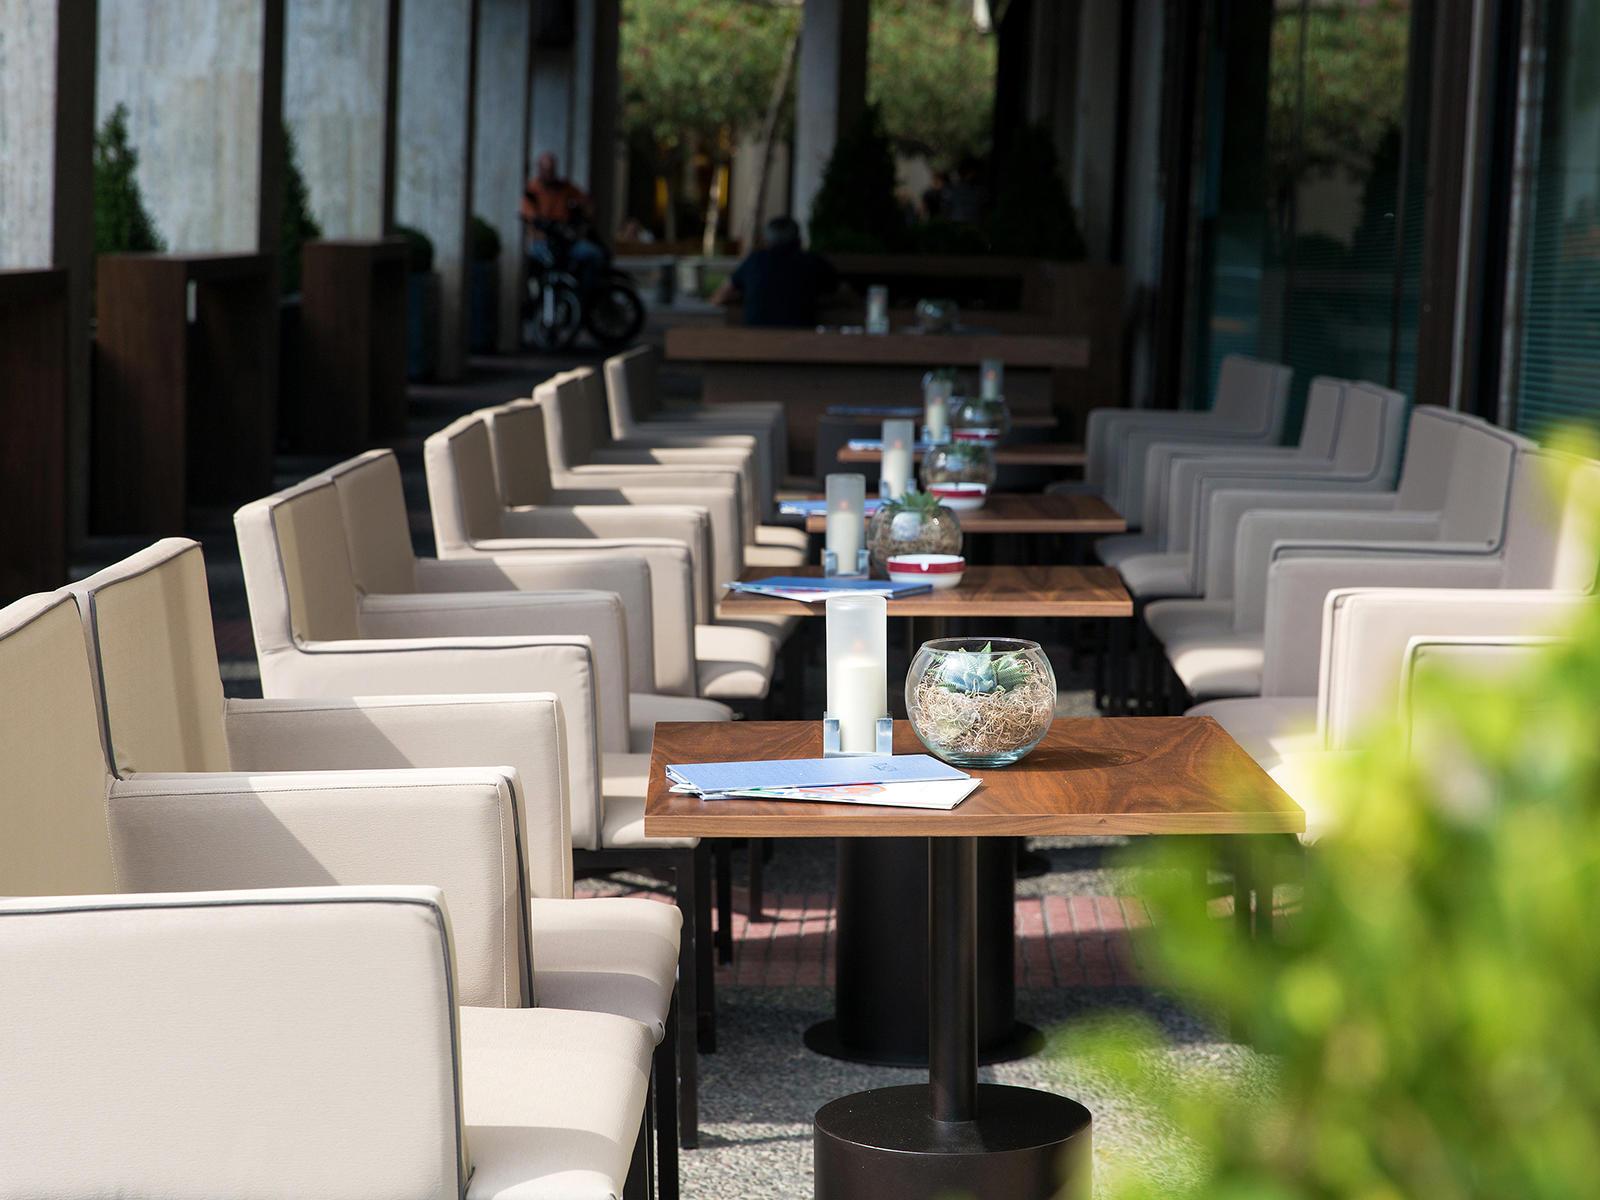 Plaza Cafe at NJV Athens Plaza hotel